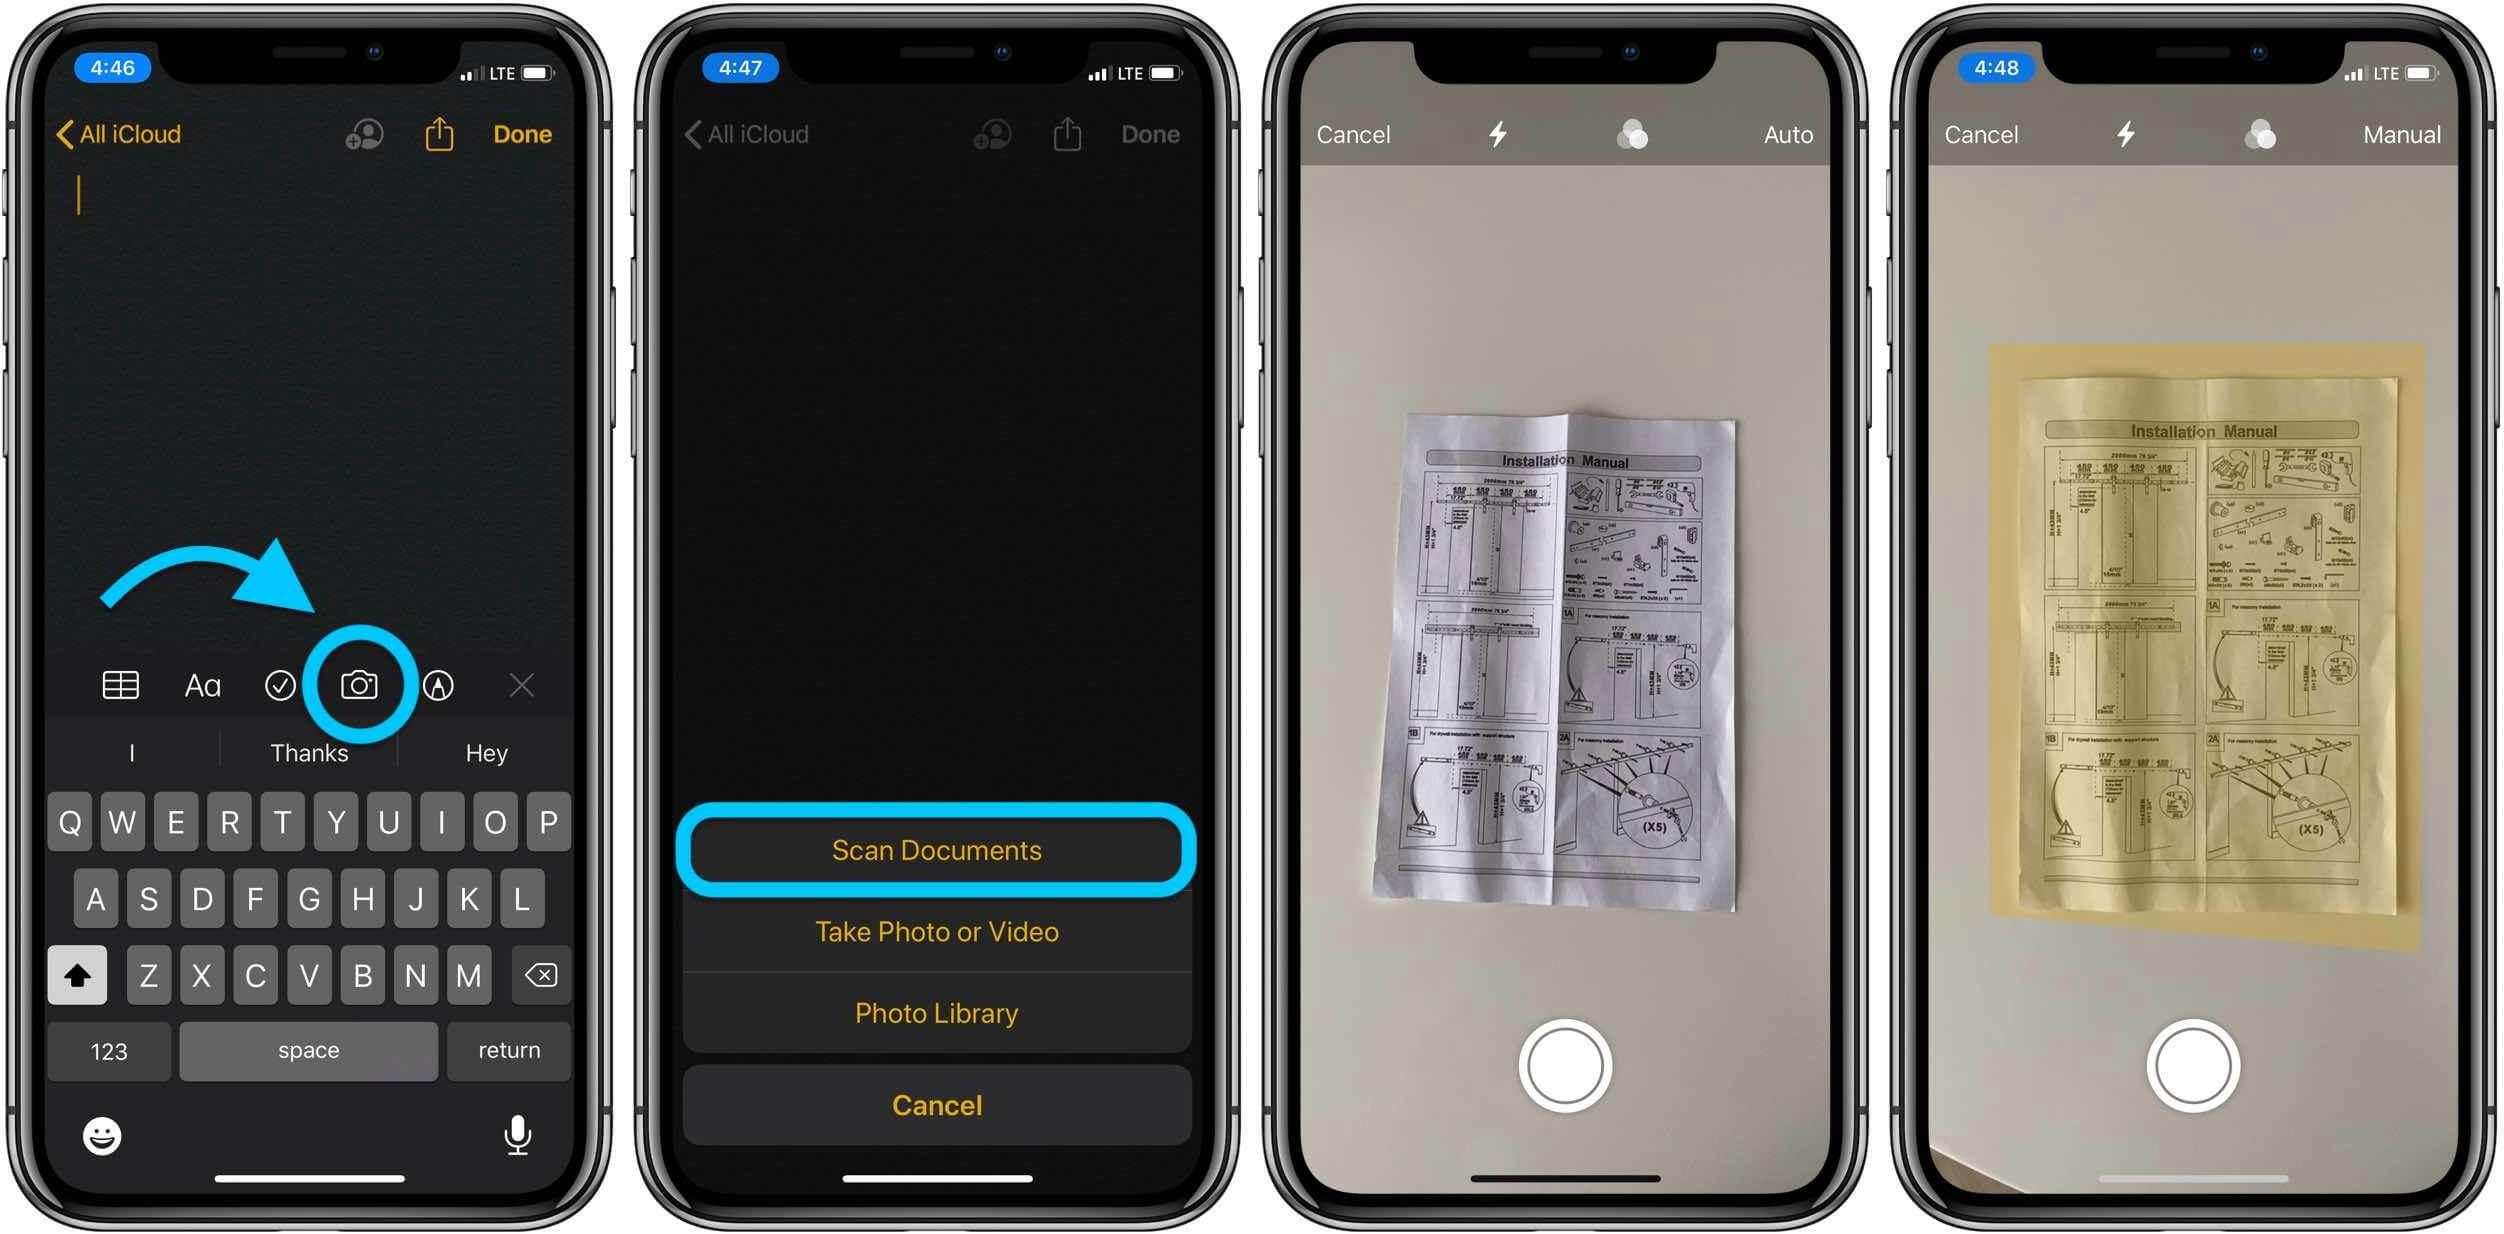 Как сканировать с помощью приложения Notes для iOS, пошаговое руководство 1